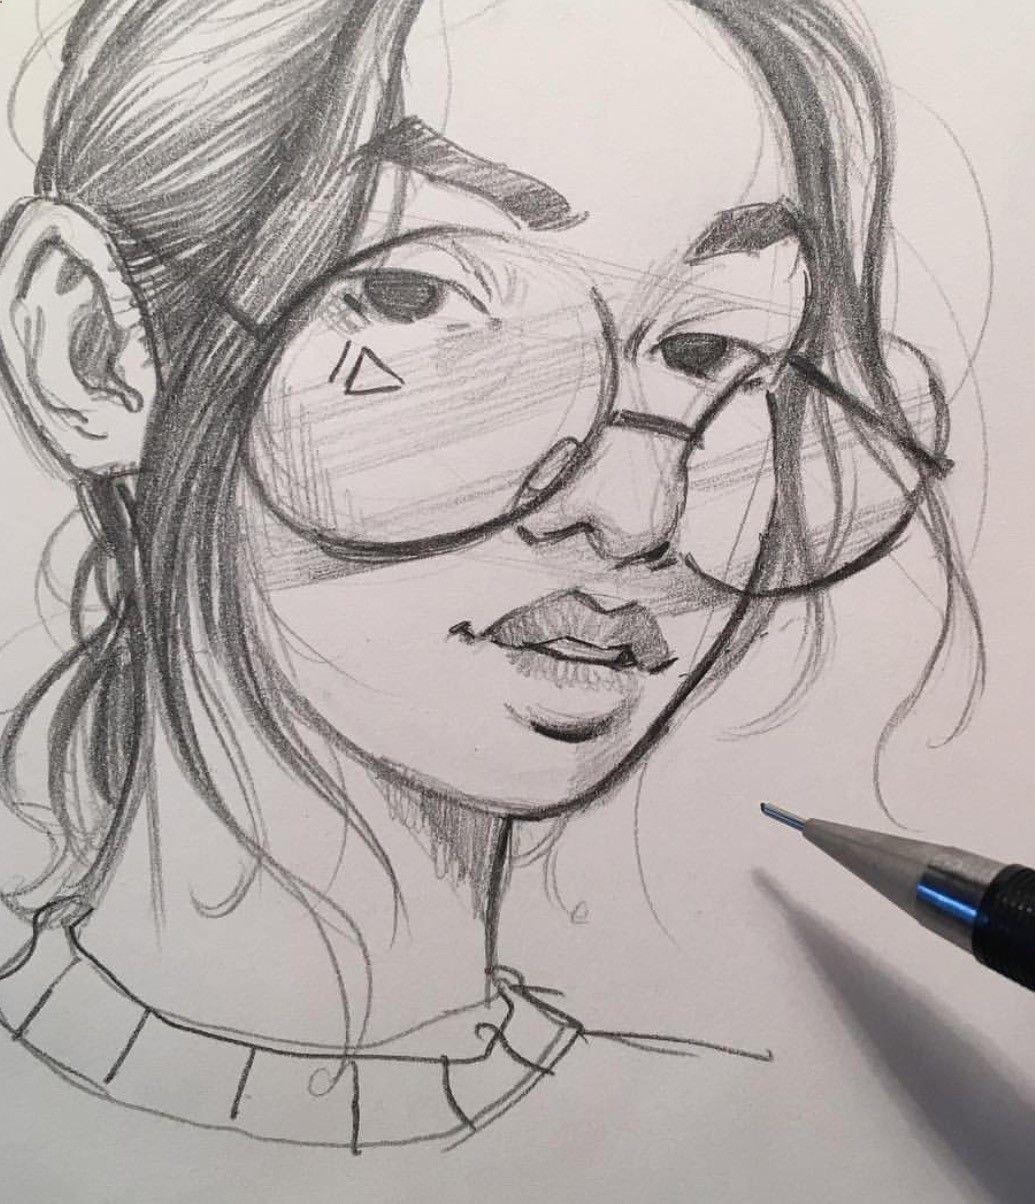 арты для рисования карандашом очень легко и красиво даже